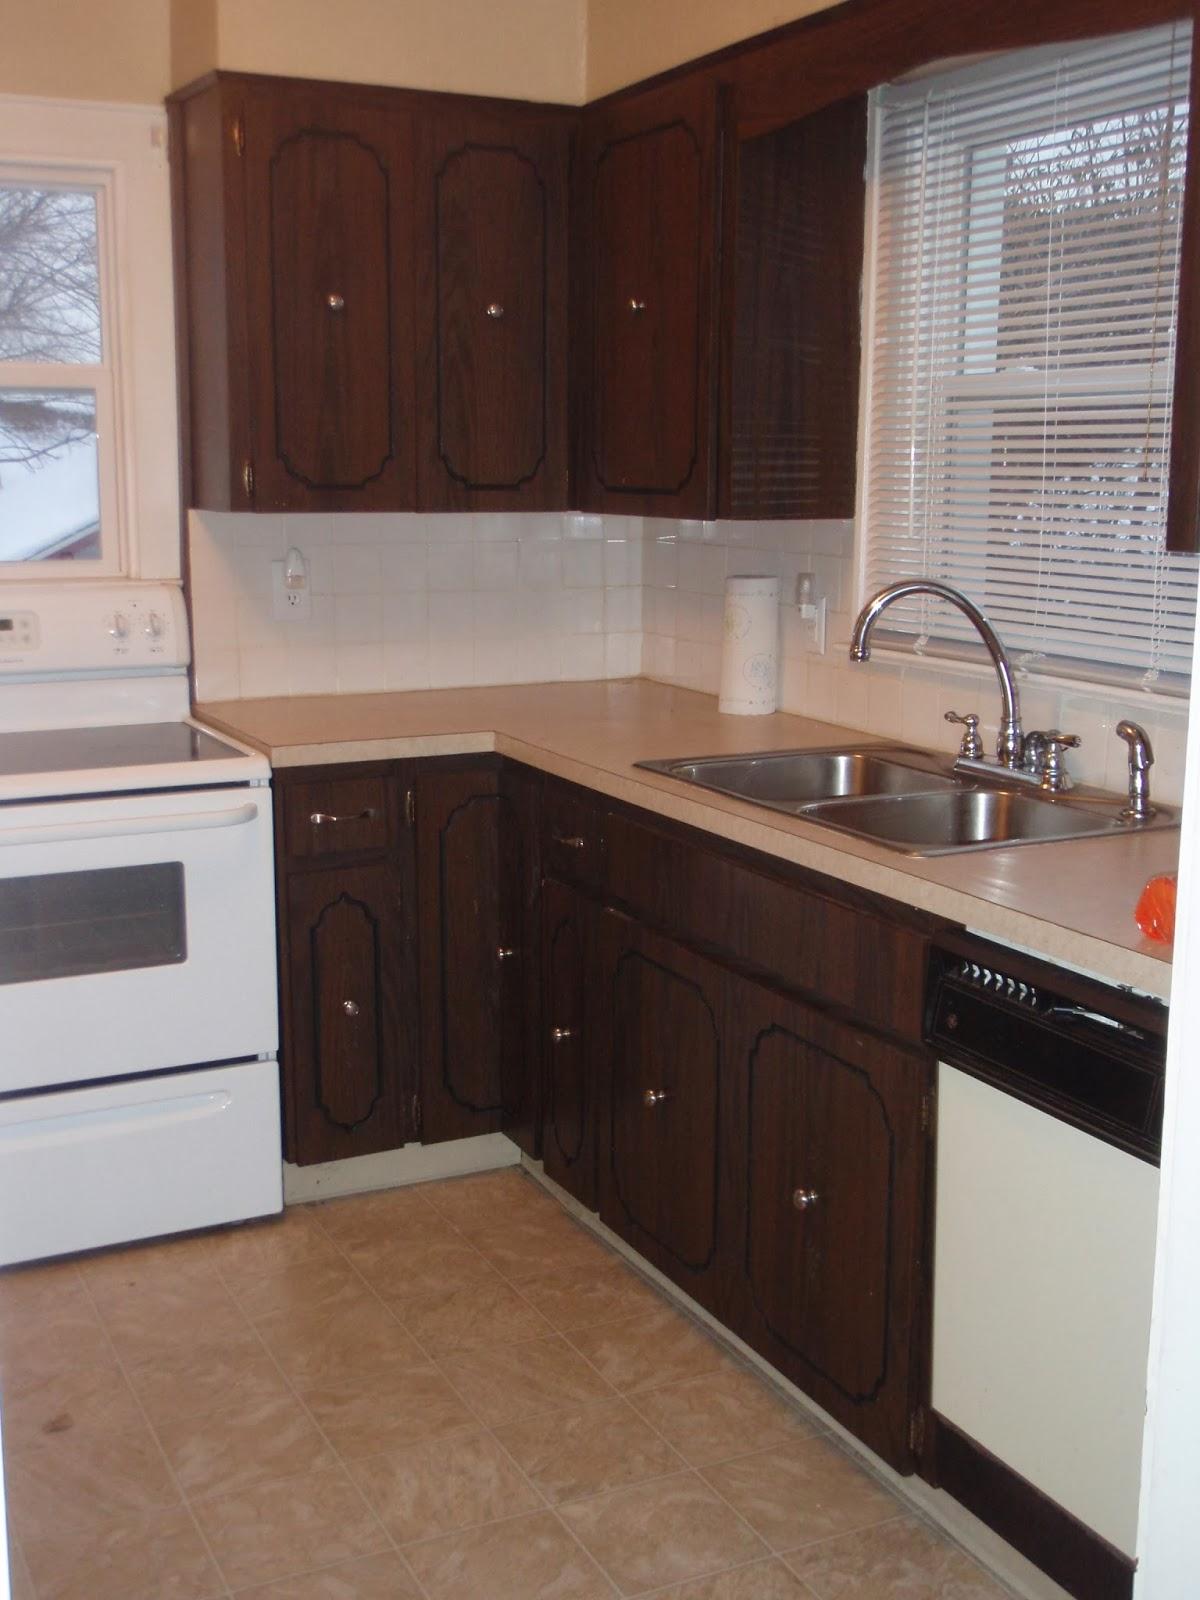 unique kitchen cabinet doors makeover gl door best design construction of exitallergy flat